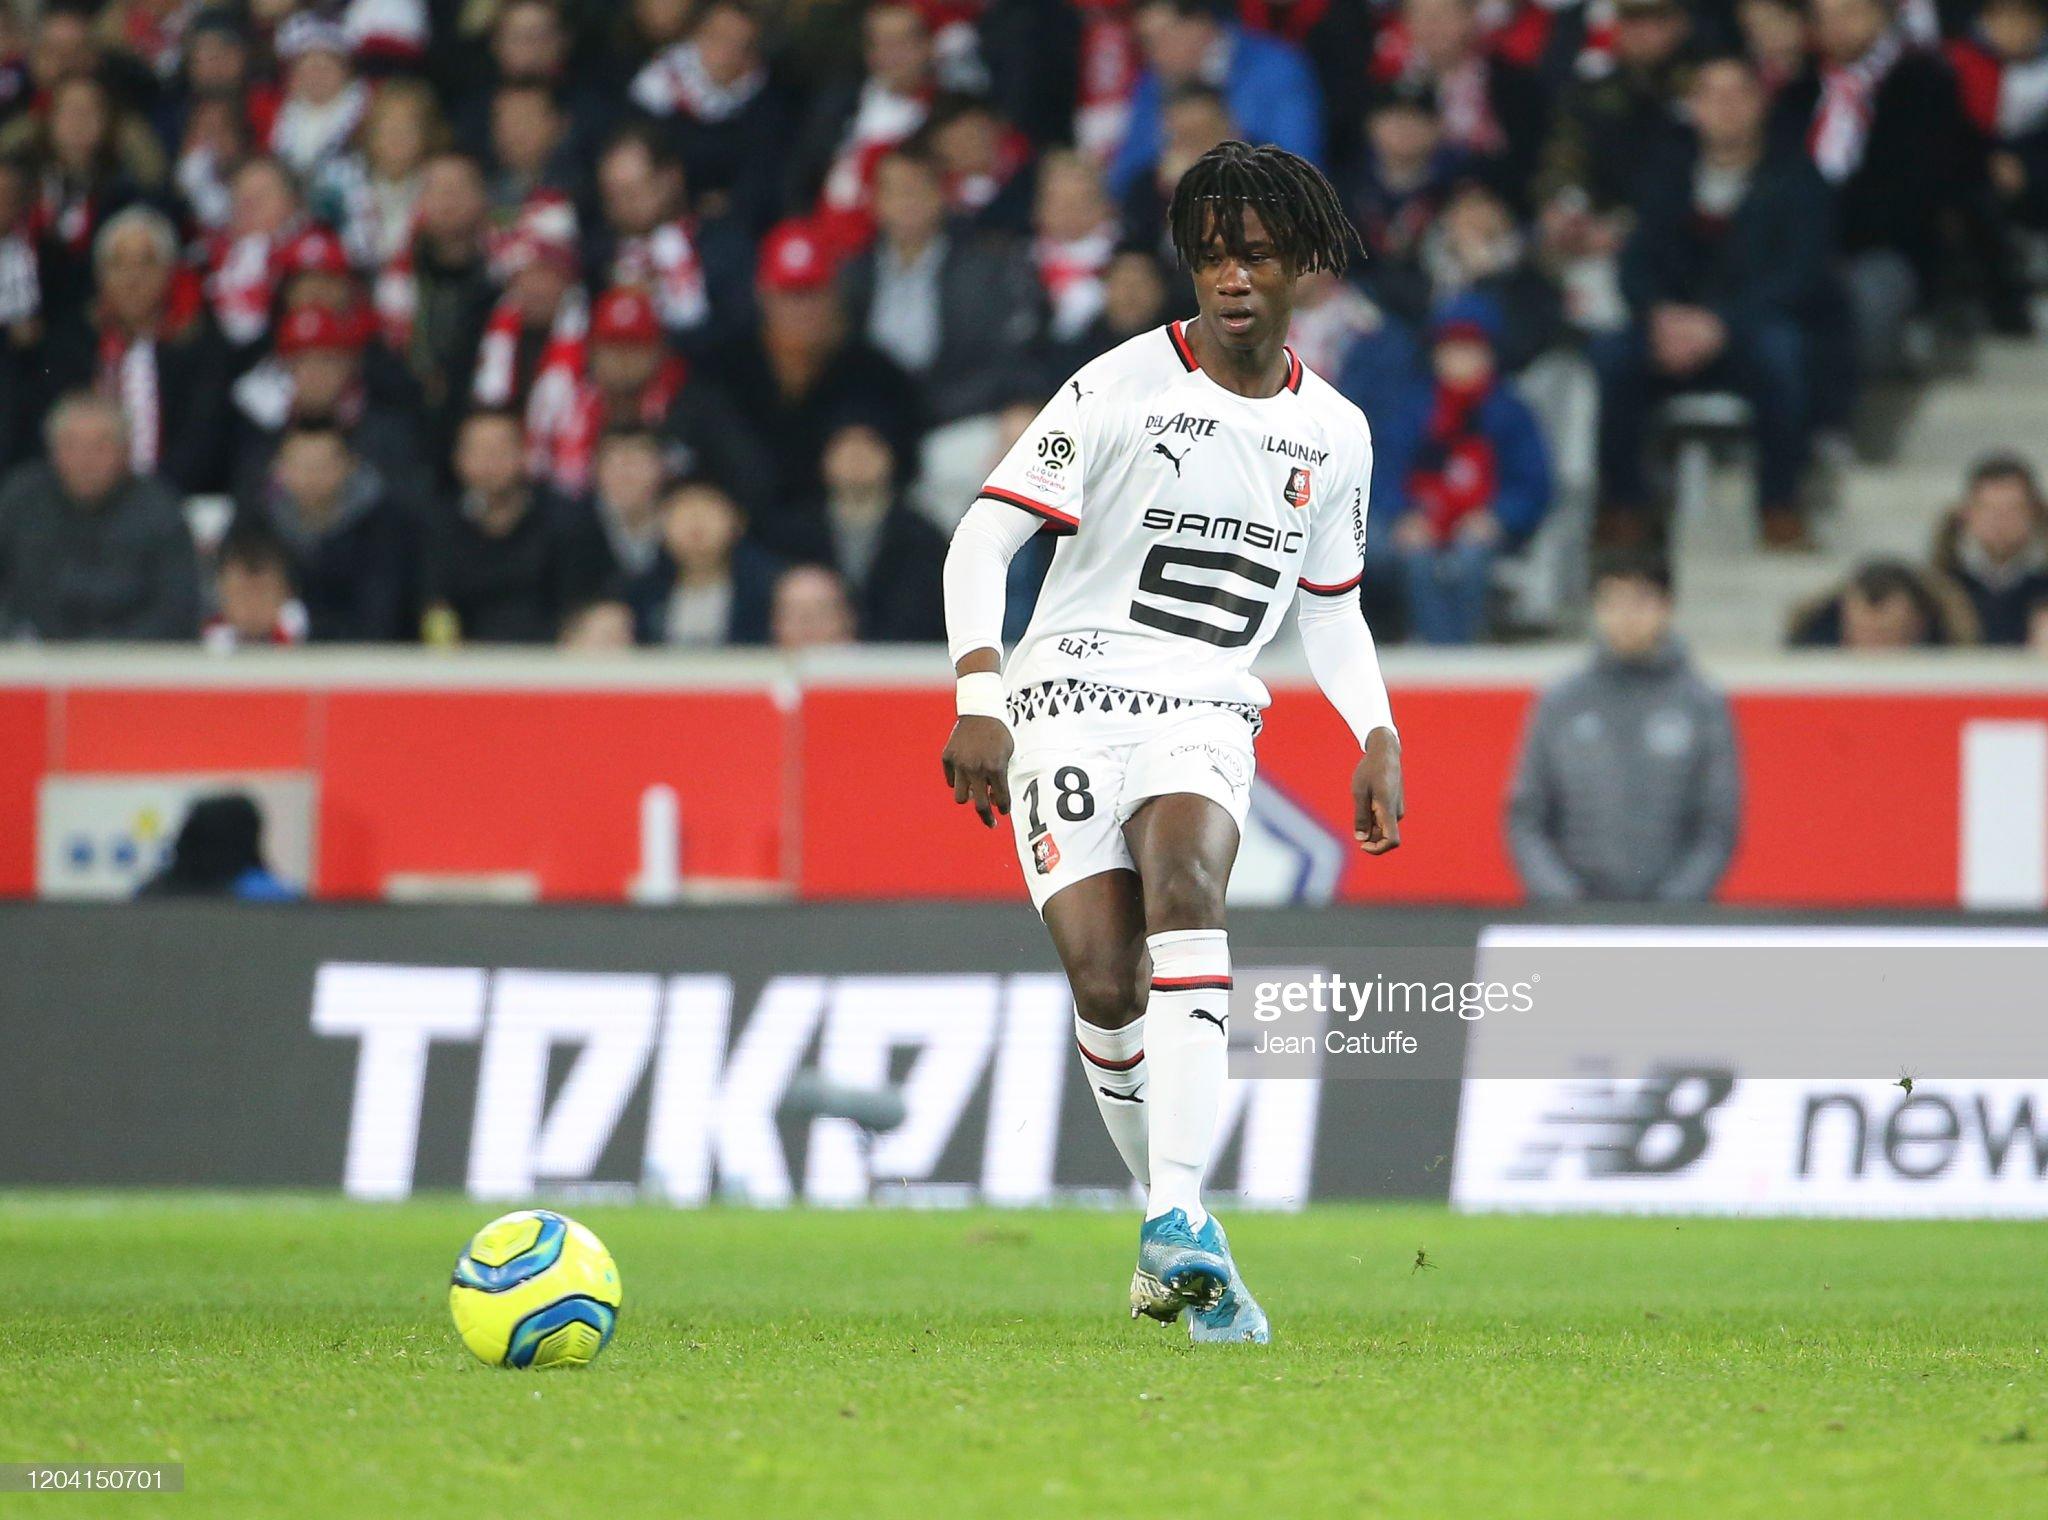 Lille OSC v Stade Rennais - Ligue 1 : News Photo